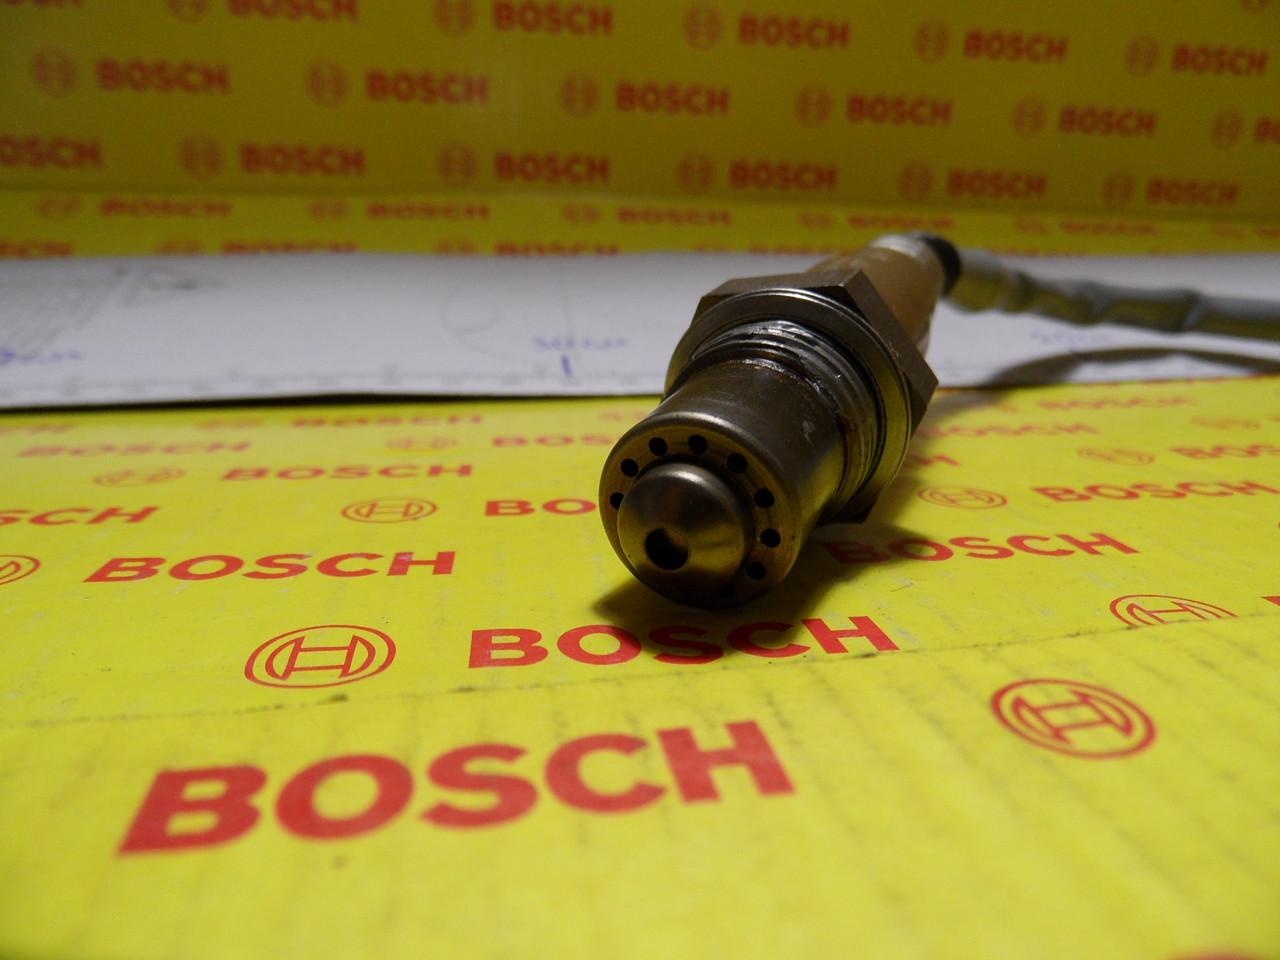 Лямбда-зонды Bosch, 3M51-9F172BO, 0258006599, 0 258 006 599, оригинал Ford